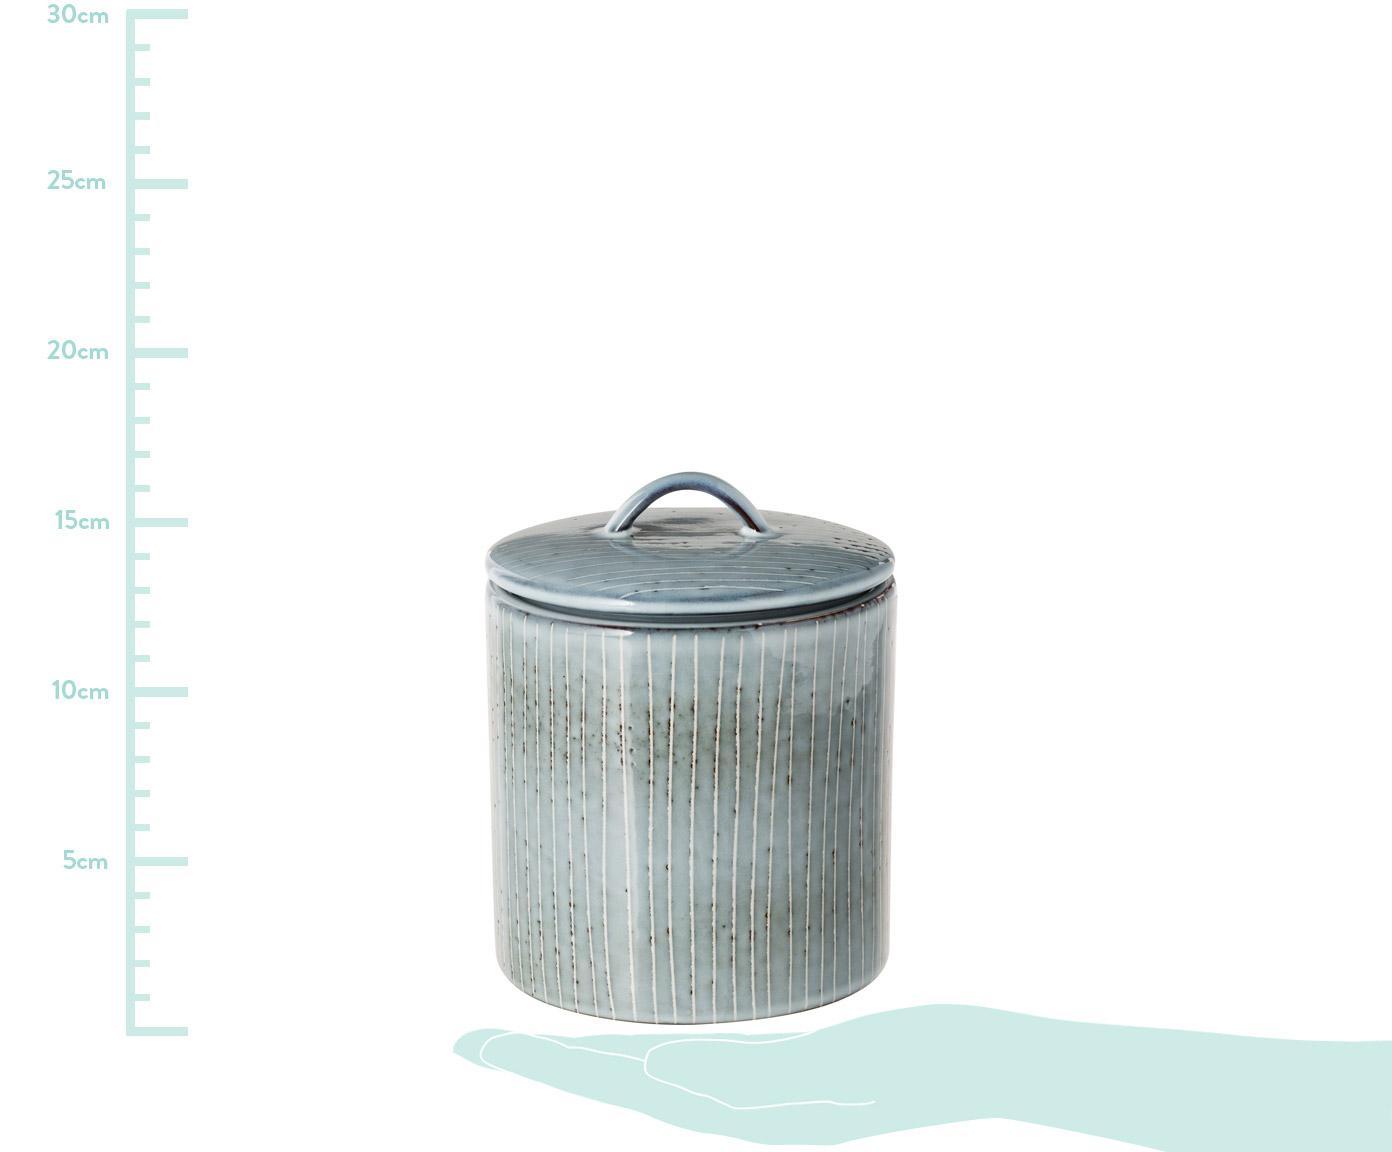 Handgemachte Aufbewahrungsdose Nordic Sea aus Steingut, Steingut, Grau- und Blautöne, Ø 12 x H 12 cm